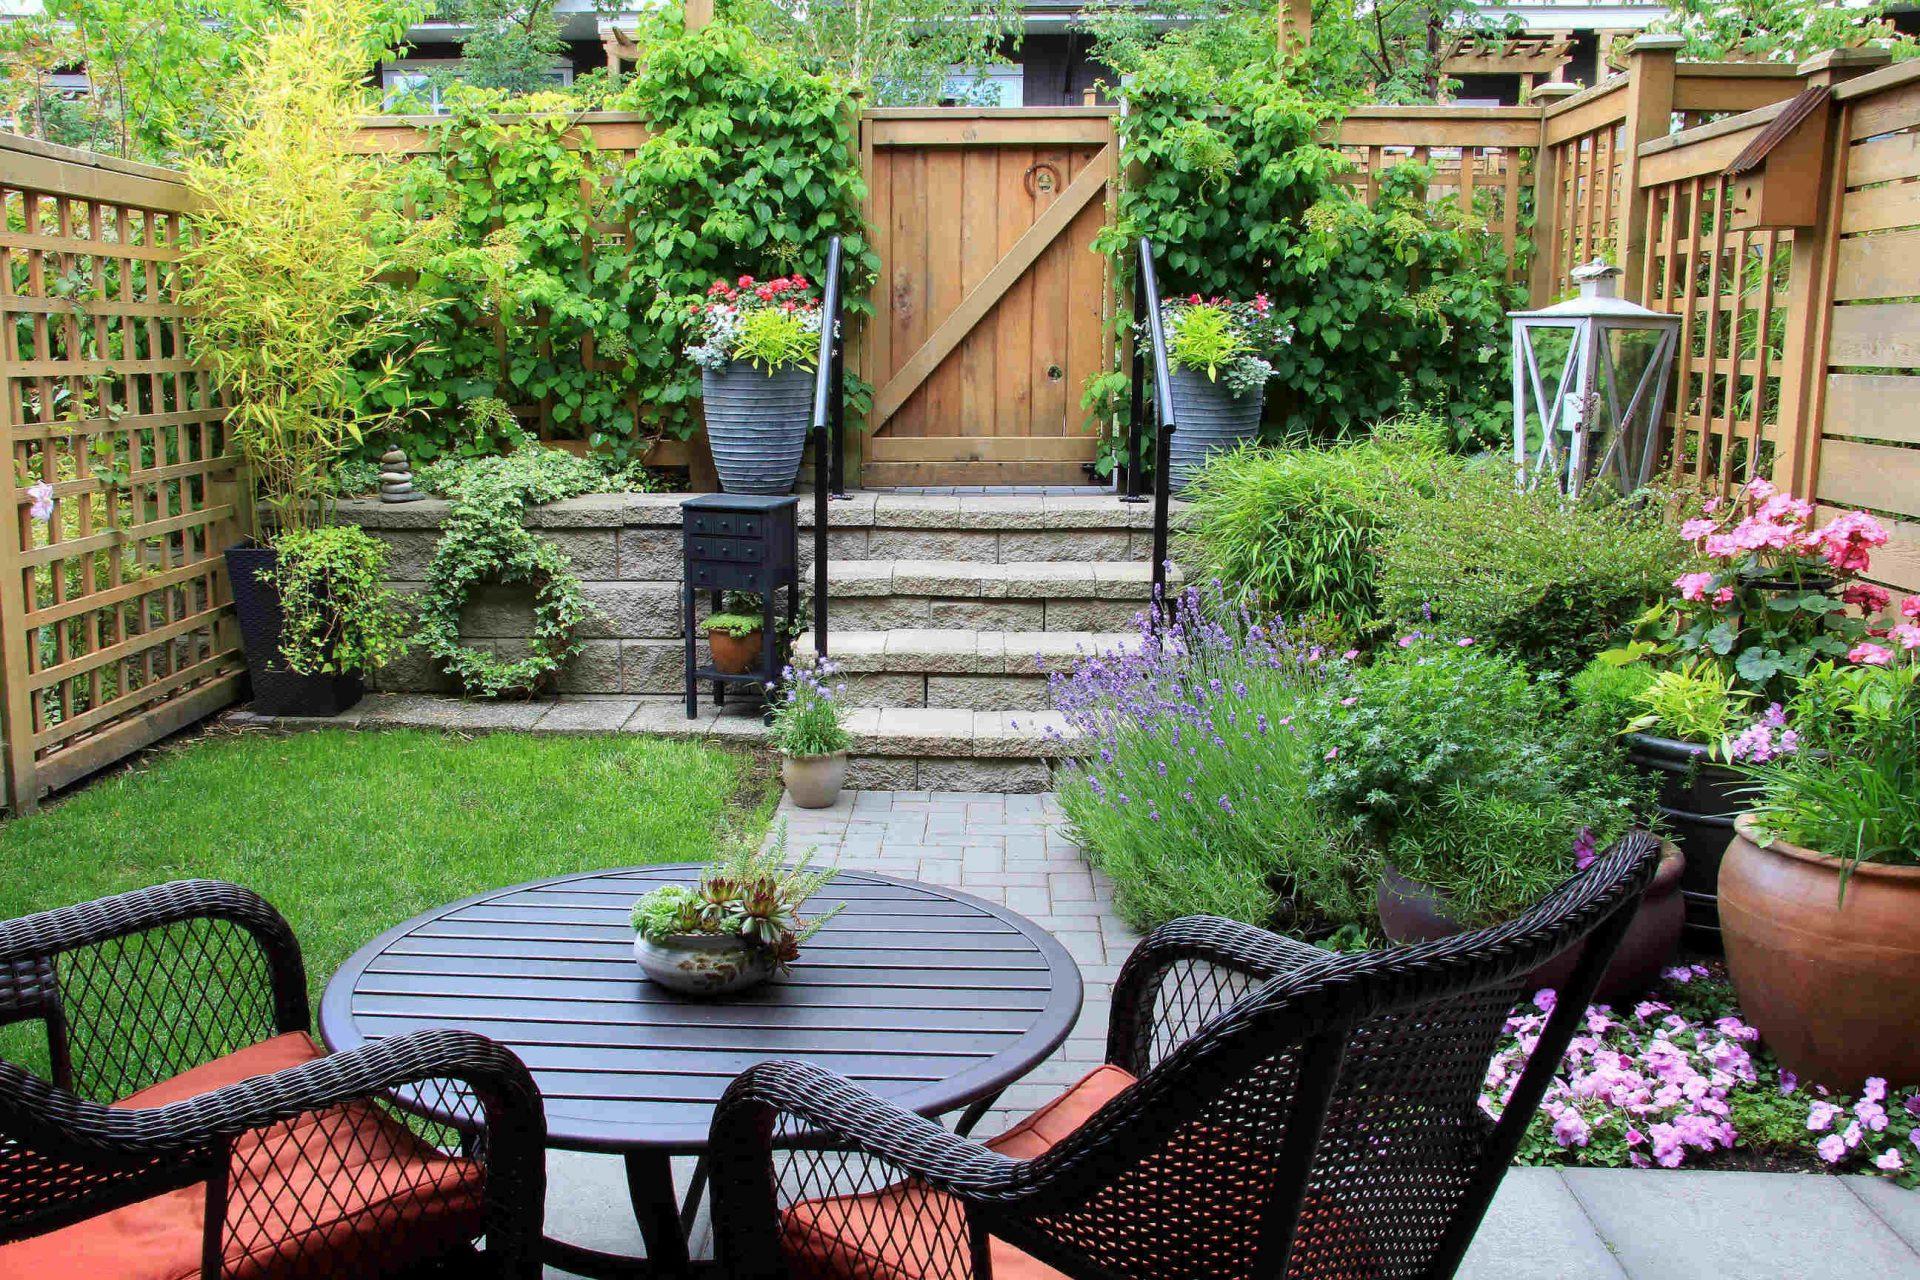 Que Faire Au Jardin En Janvier préparer votre jardin pour l'arrivée du printemps | ad paysages